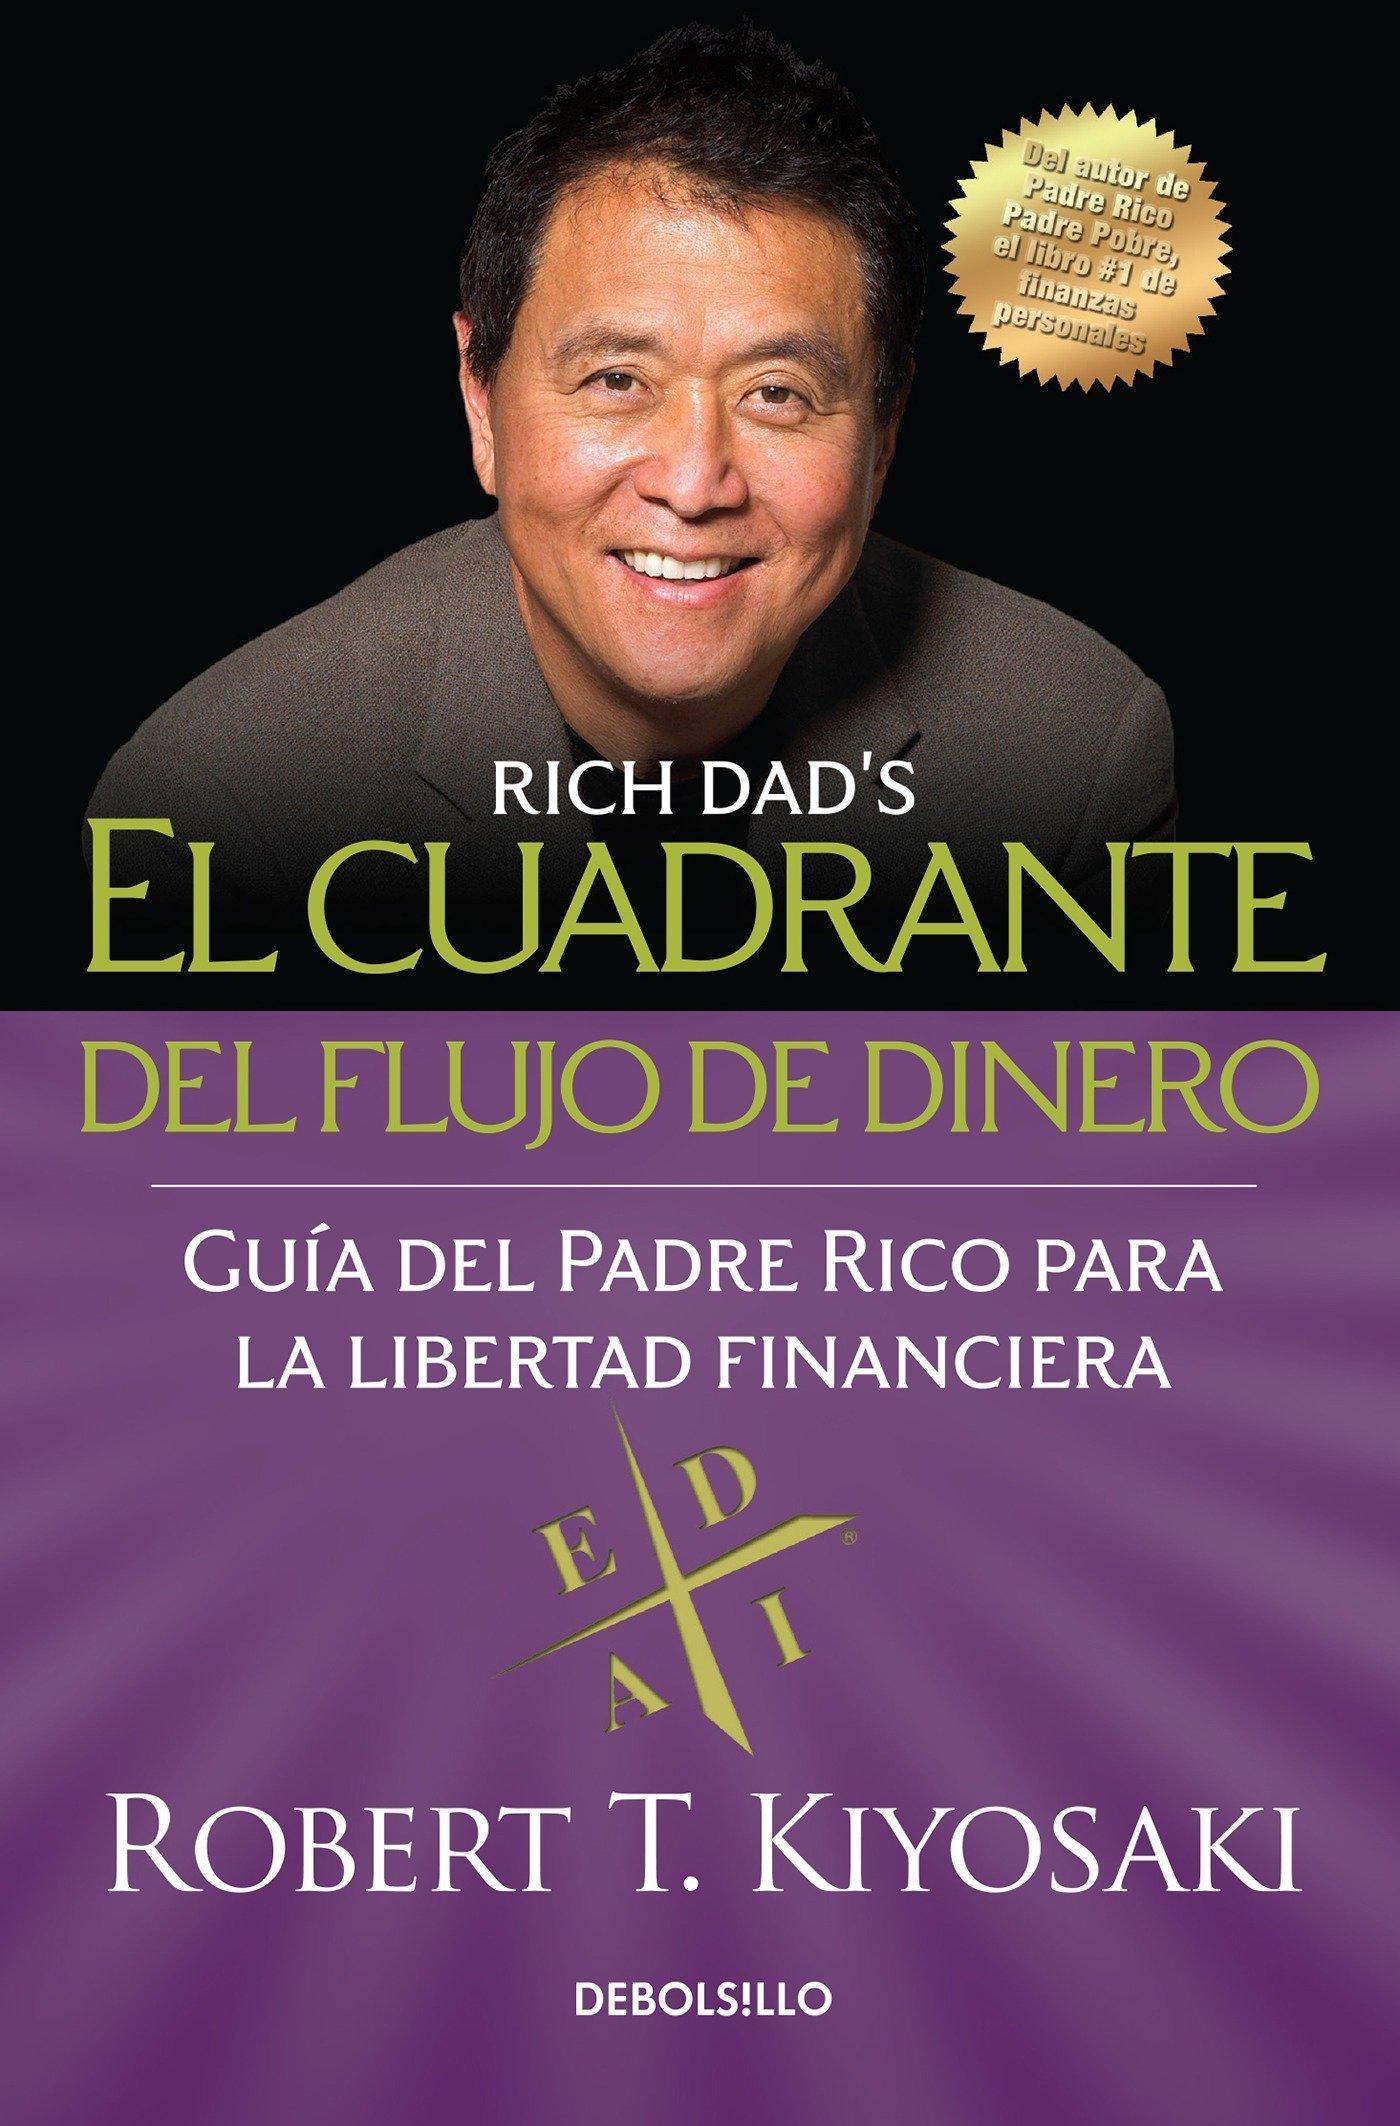 El Cuadrante del Flujo de Dinero / Rich Dads Cashflow Quadrant ...